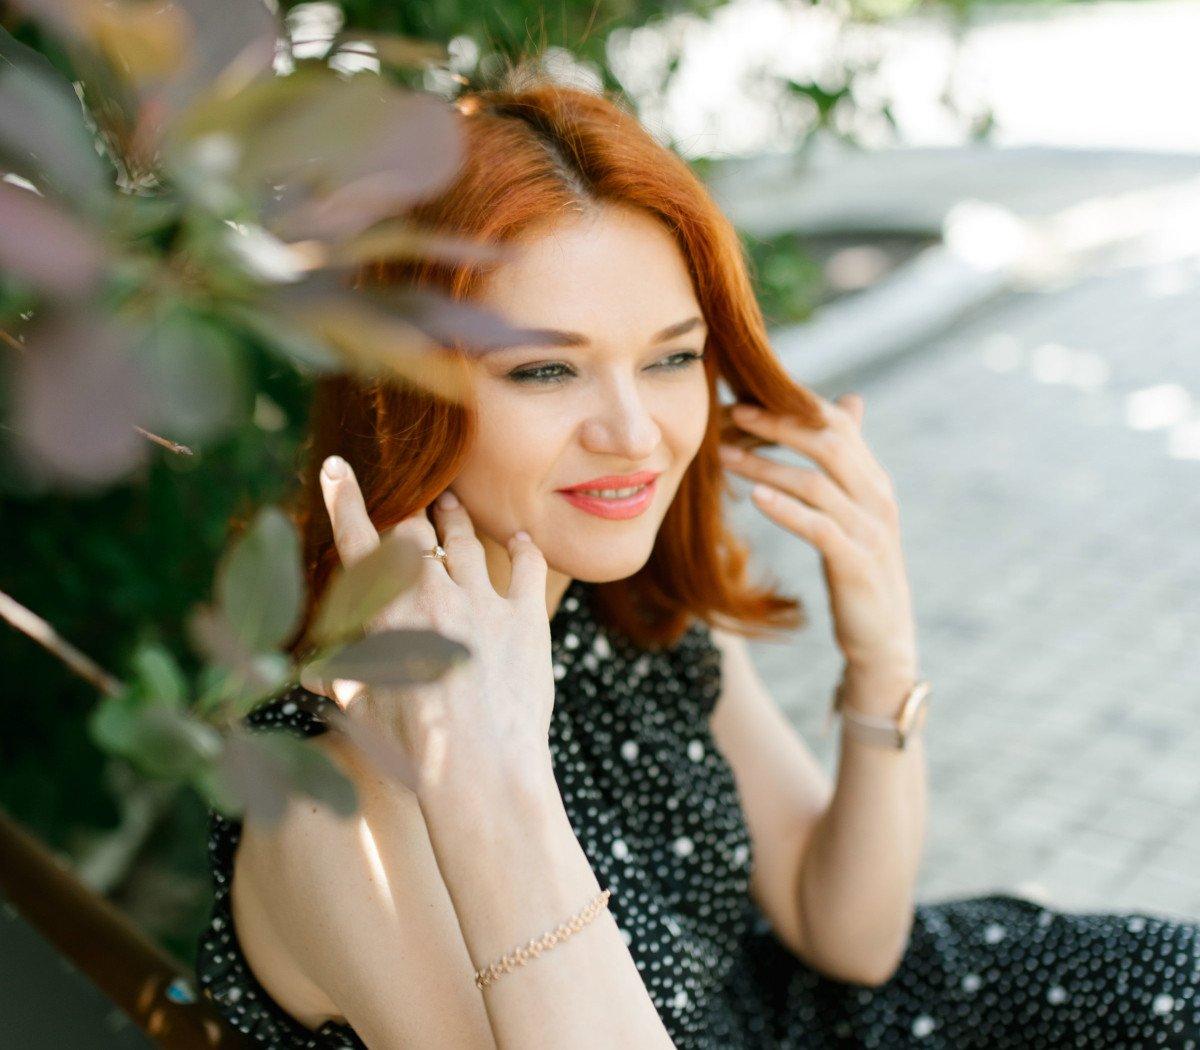 Про літній догляд, турботу про себе та підготовку до відпустки: інтерв'ю із засновницею Beauty Story Яною Ткаченко